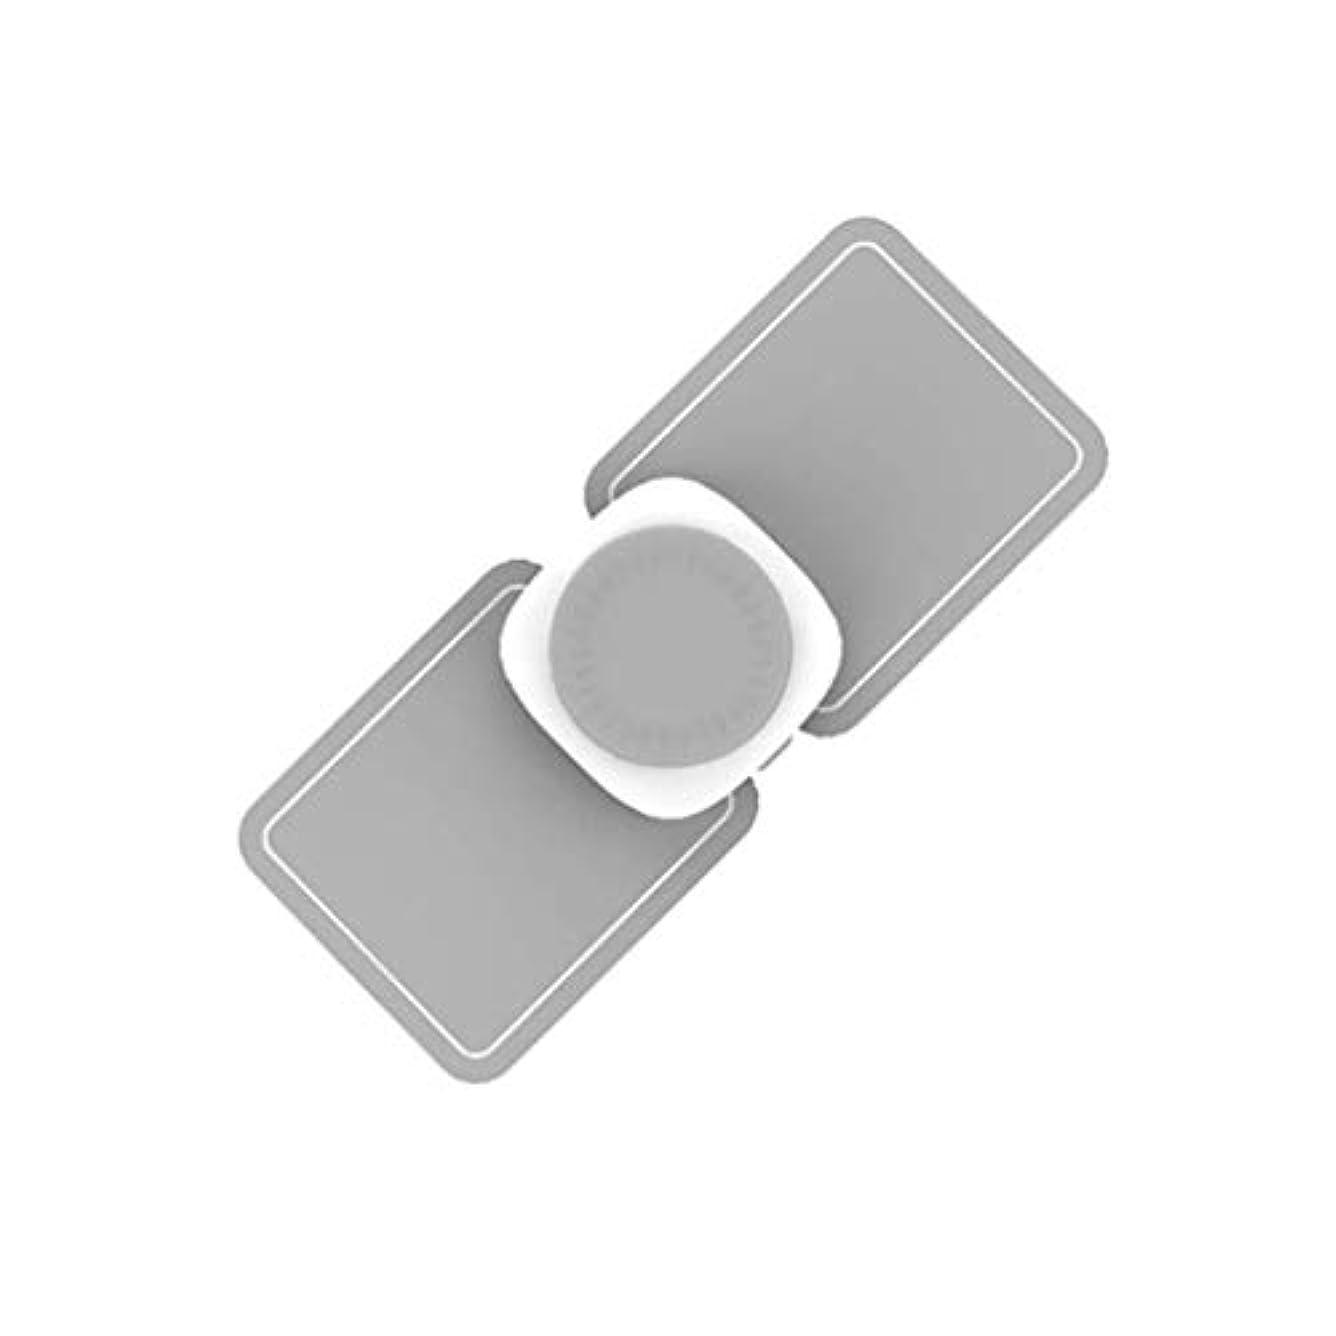 サーキットに行くよろしく登録するマッサージャー、ポータブルミニネック ショルダーマッサージャー、USB充電式電動ディープマッサージツール、マッスルリラクゼーションにより、ホームオフィスの痛みを軽減 (Color : Grey)